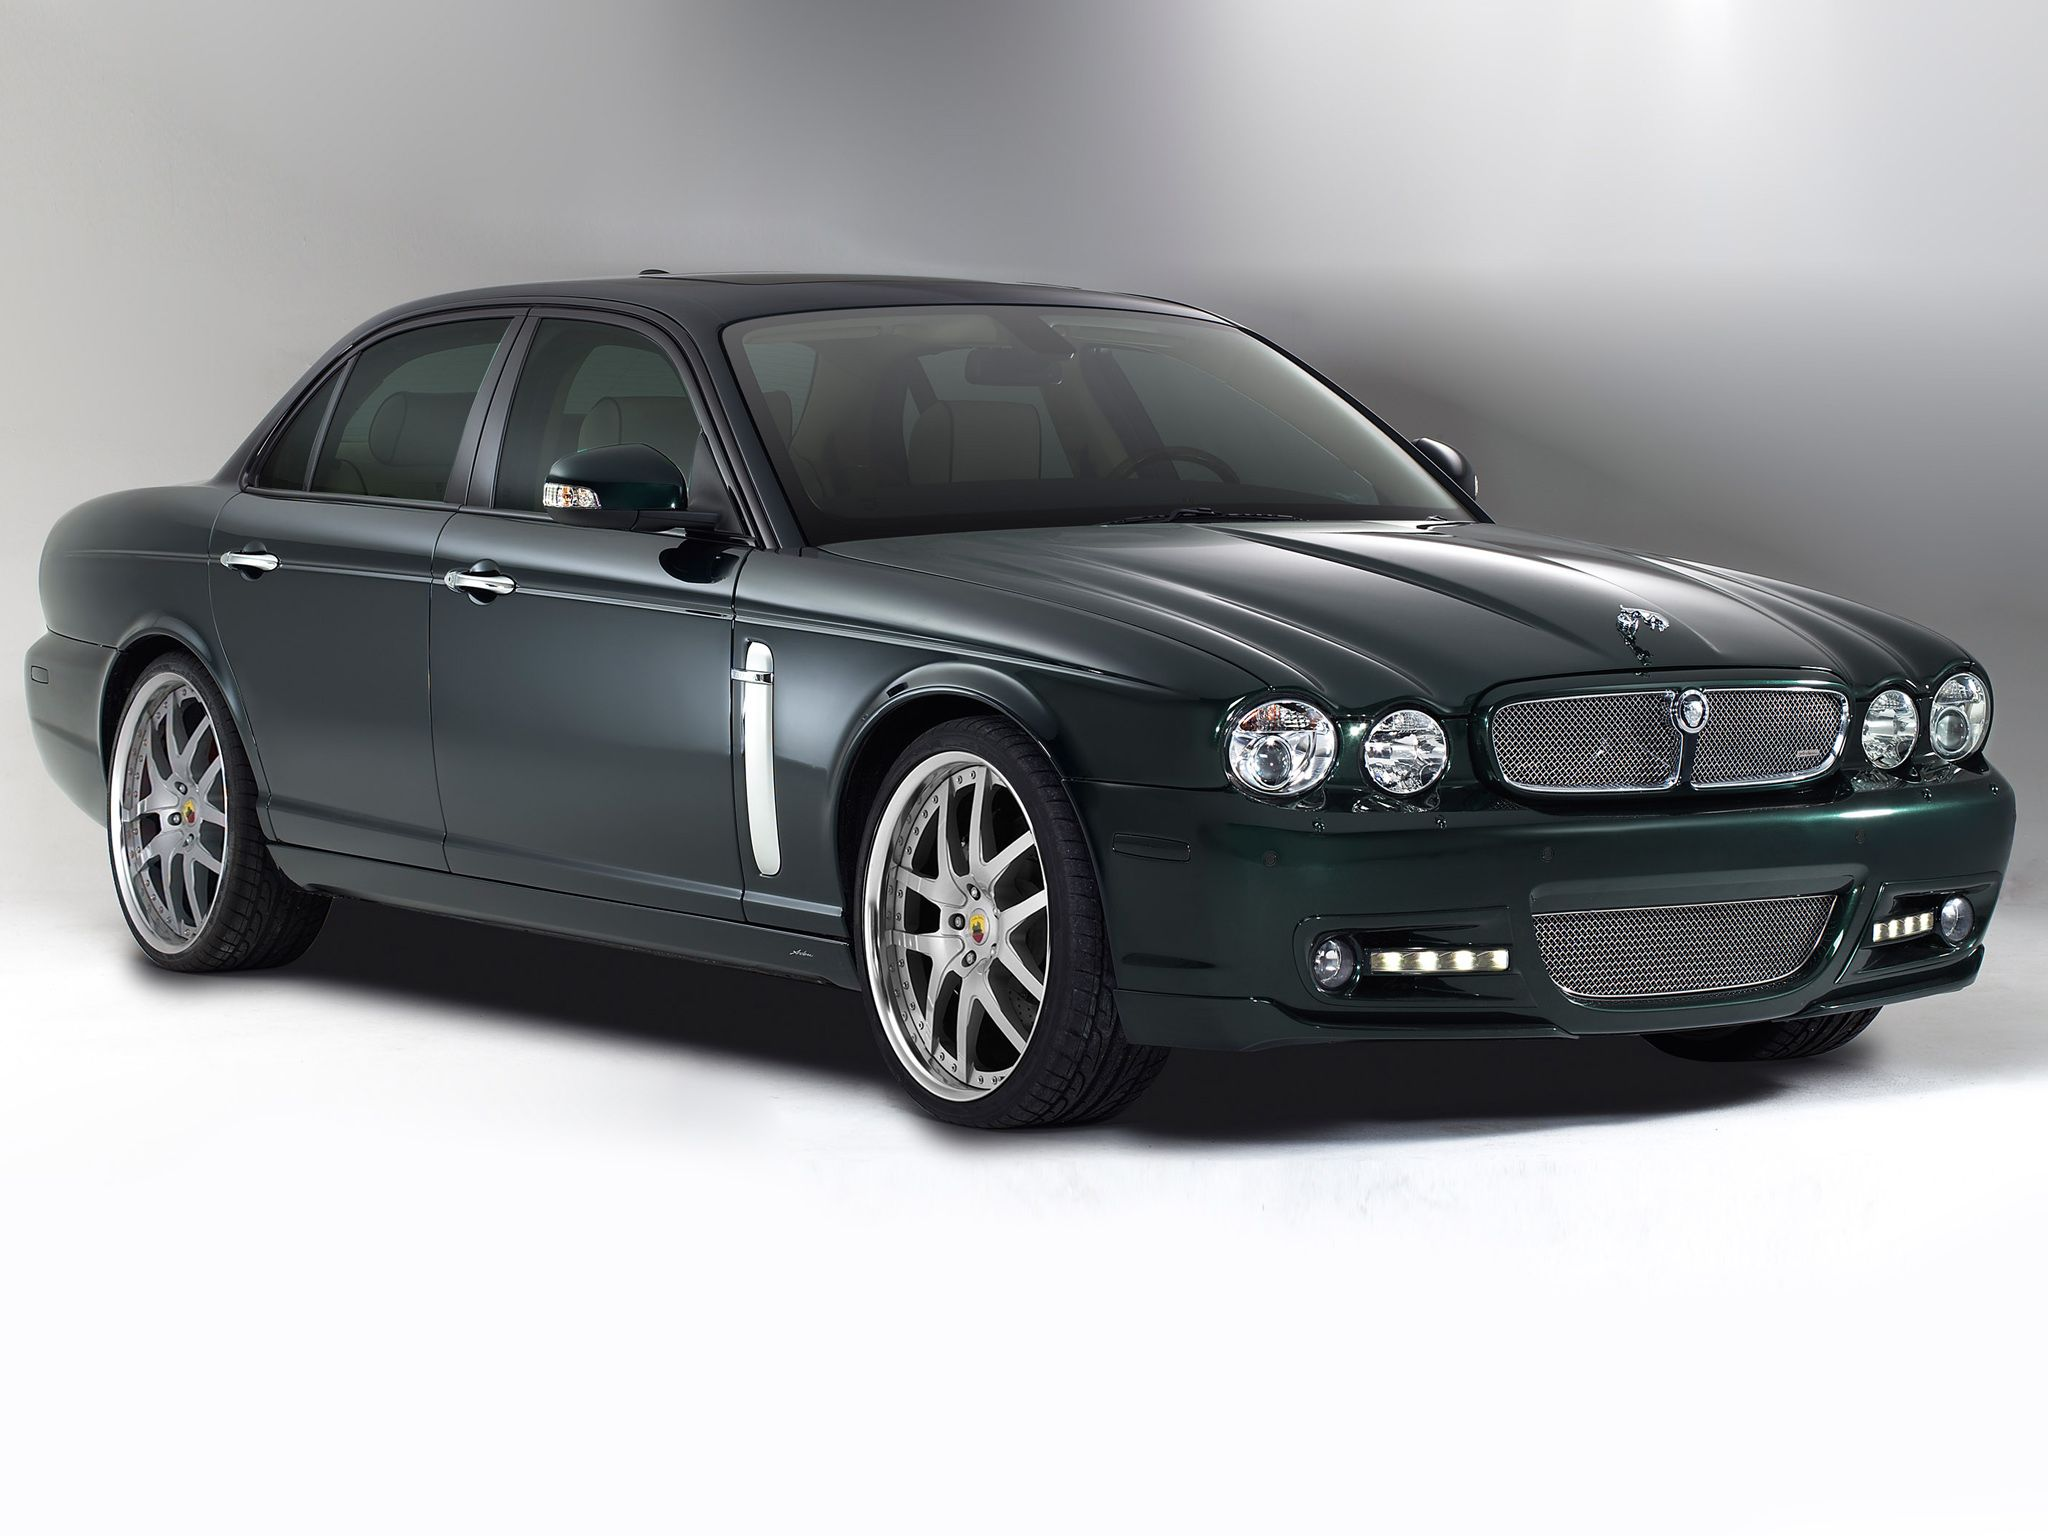 2008 Arden AJ14 (com imagens) | Carros clássicos, Carros, Auto